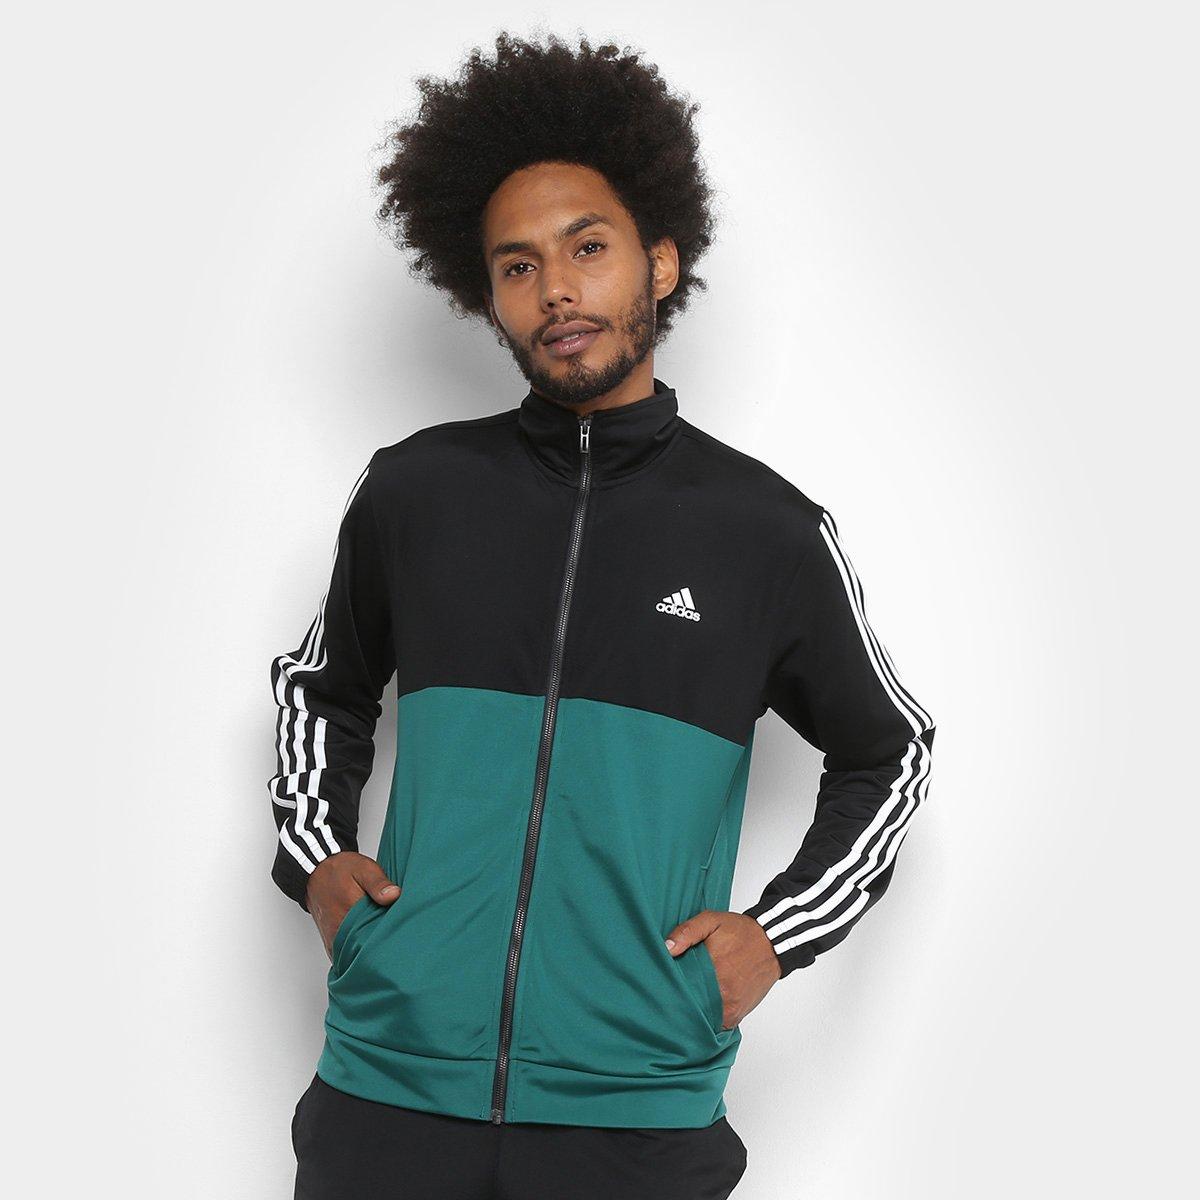 Agasalho Adidas Back 2 Basic 3S Masculino - Preto e verde - Compre ... e26c5be6826c4